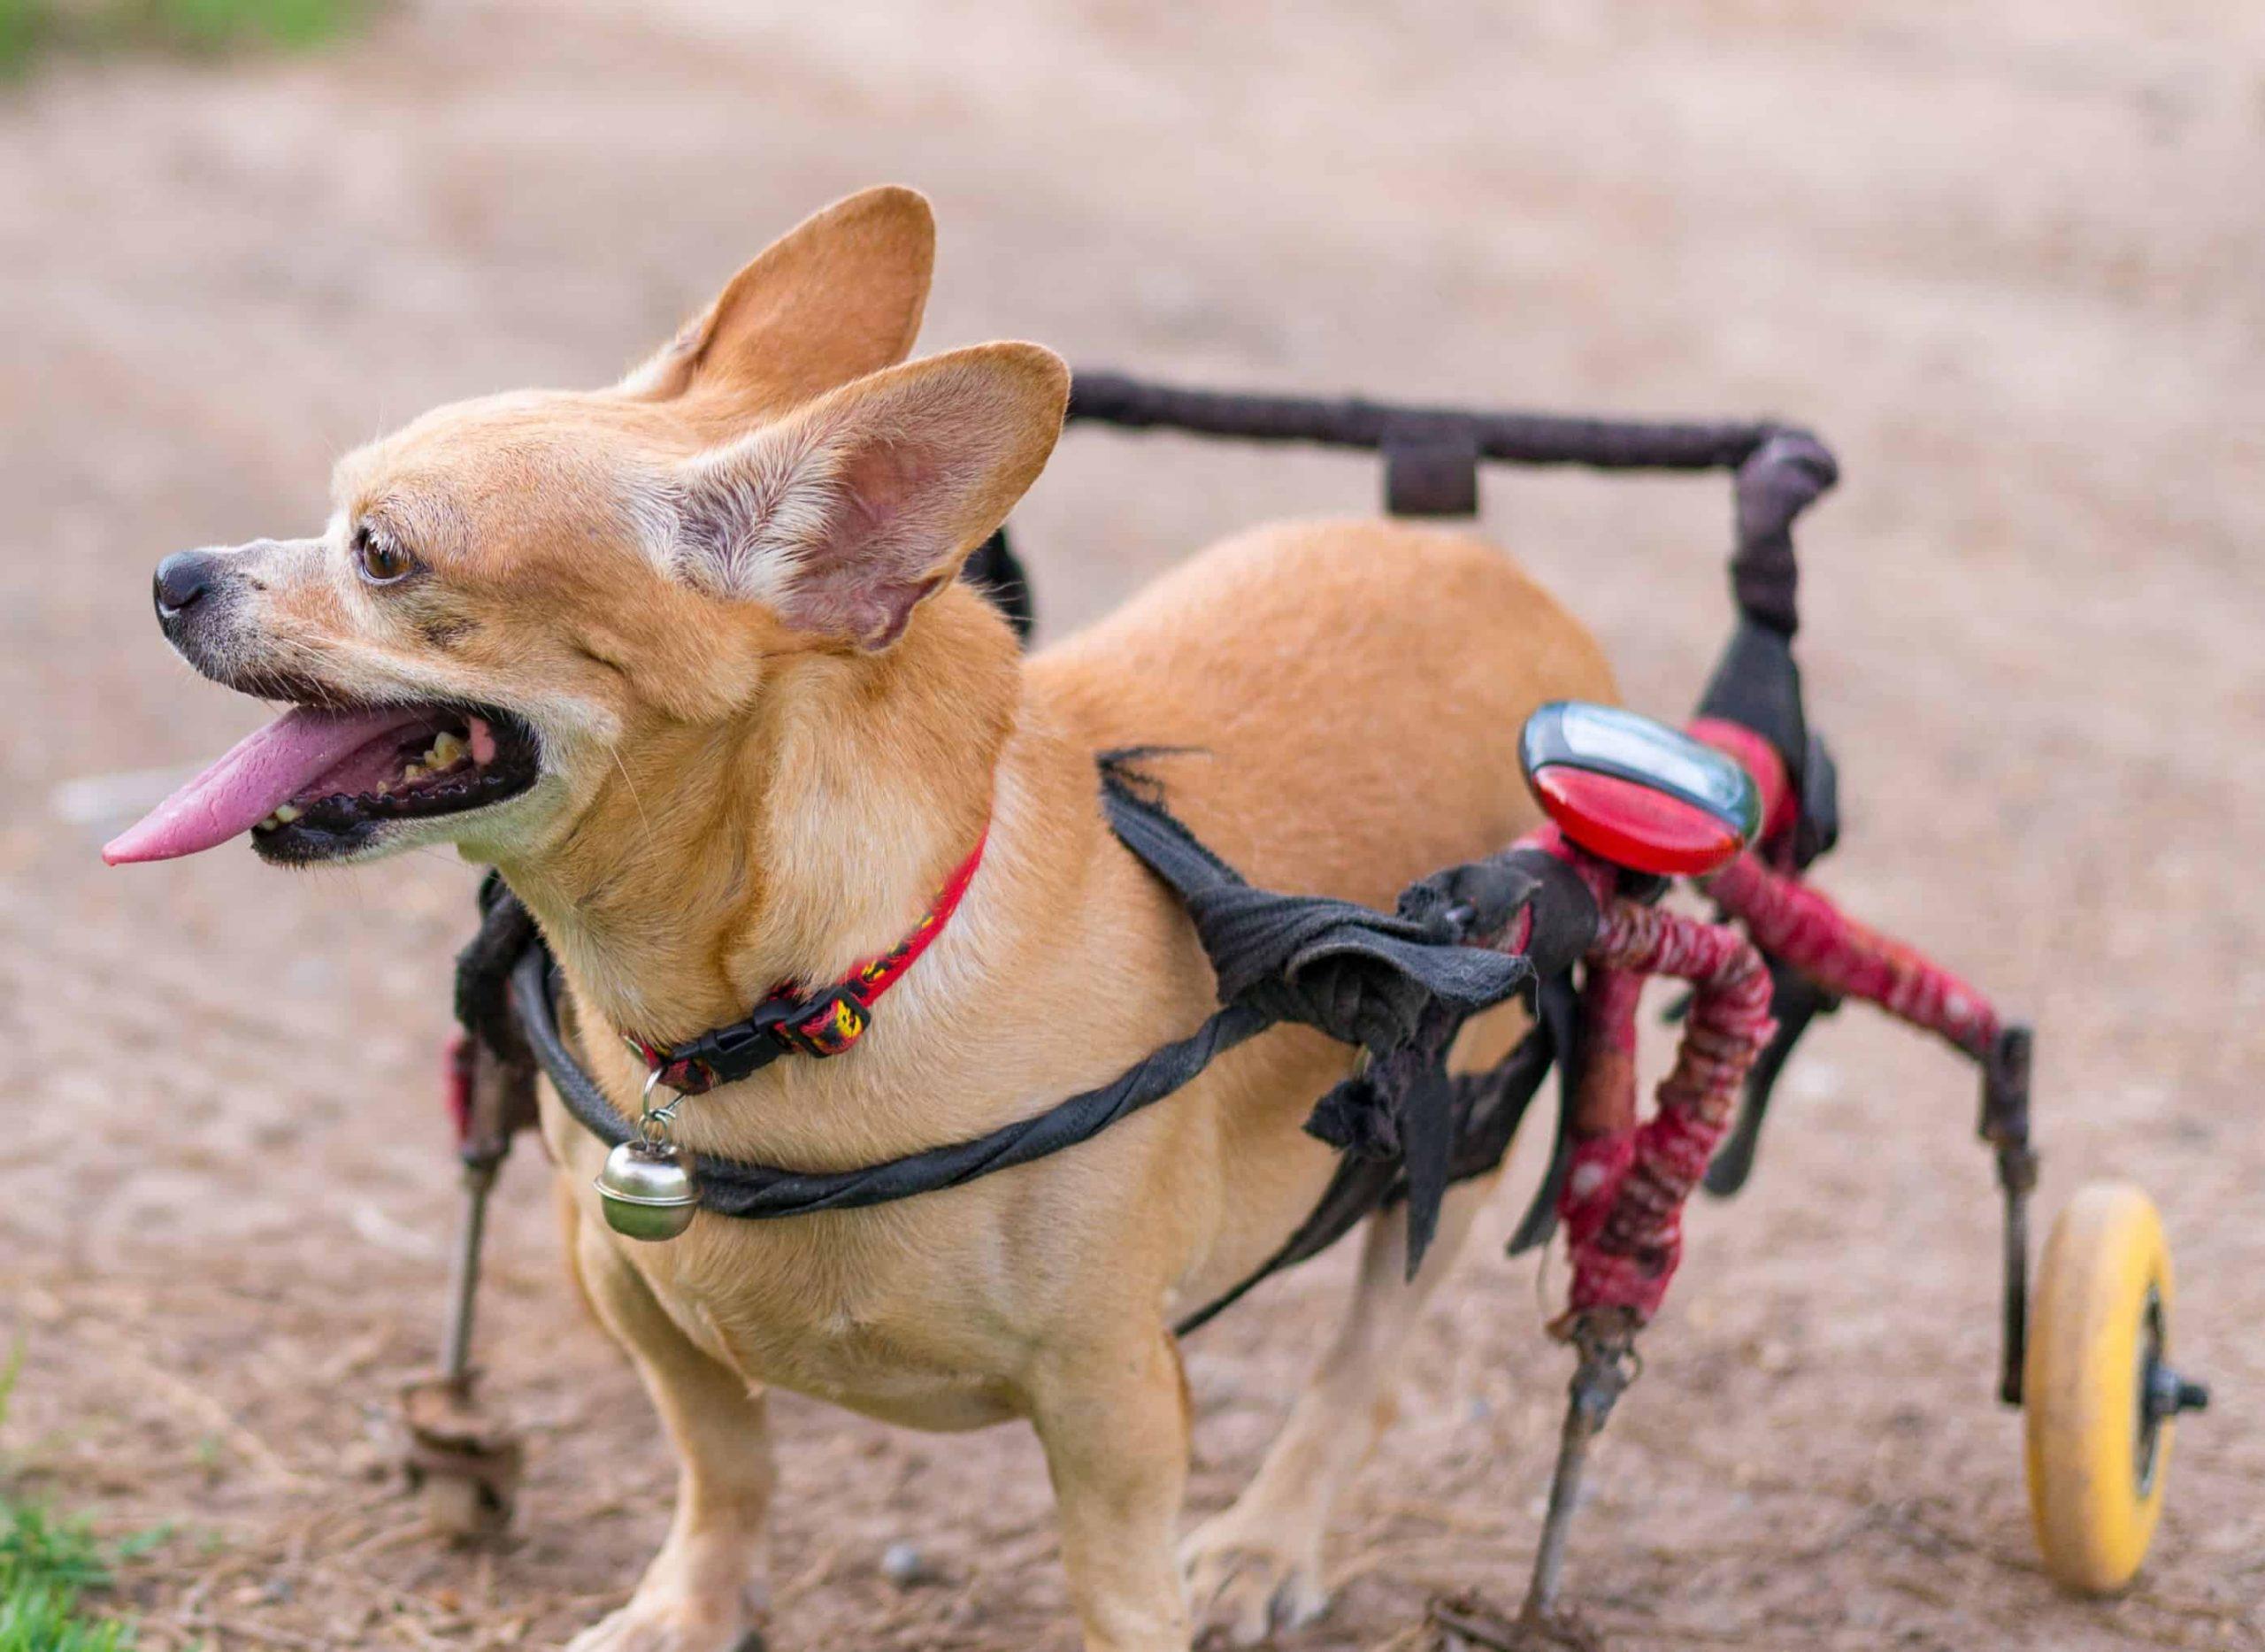 Miglior carrello per cani disabili 2021: Guida all'acquisto